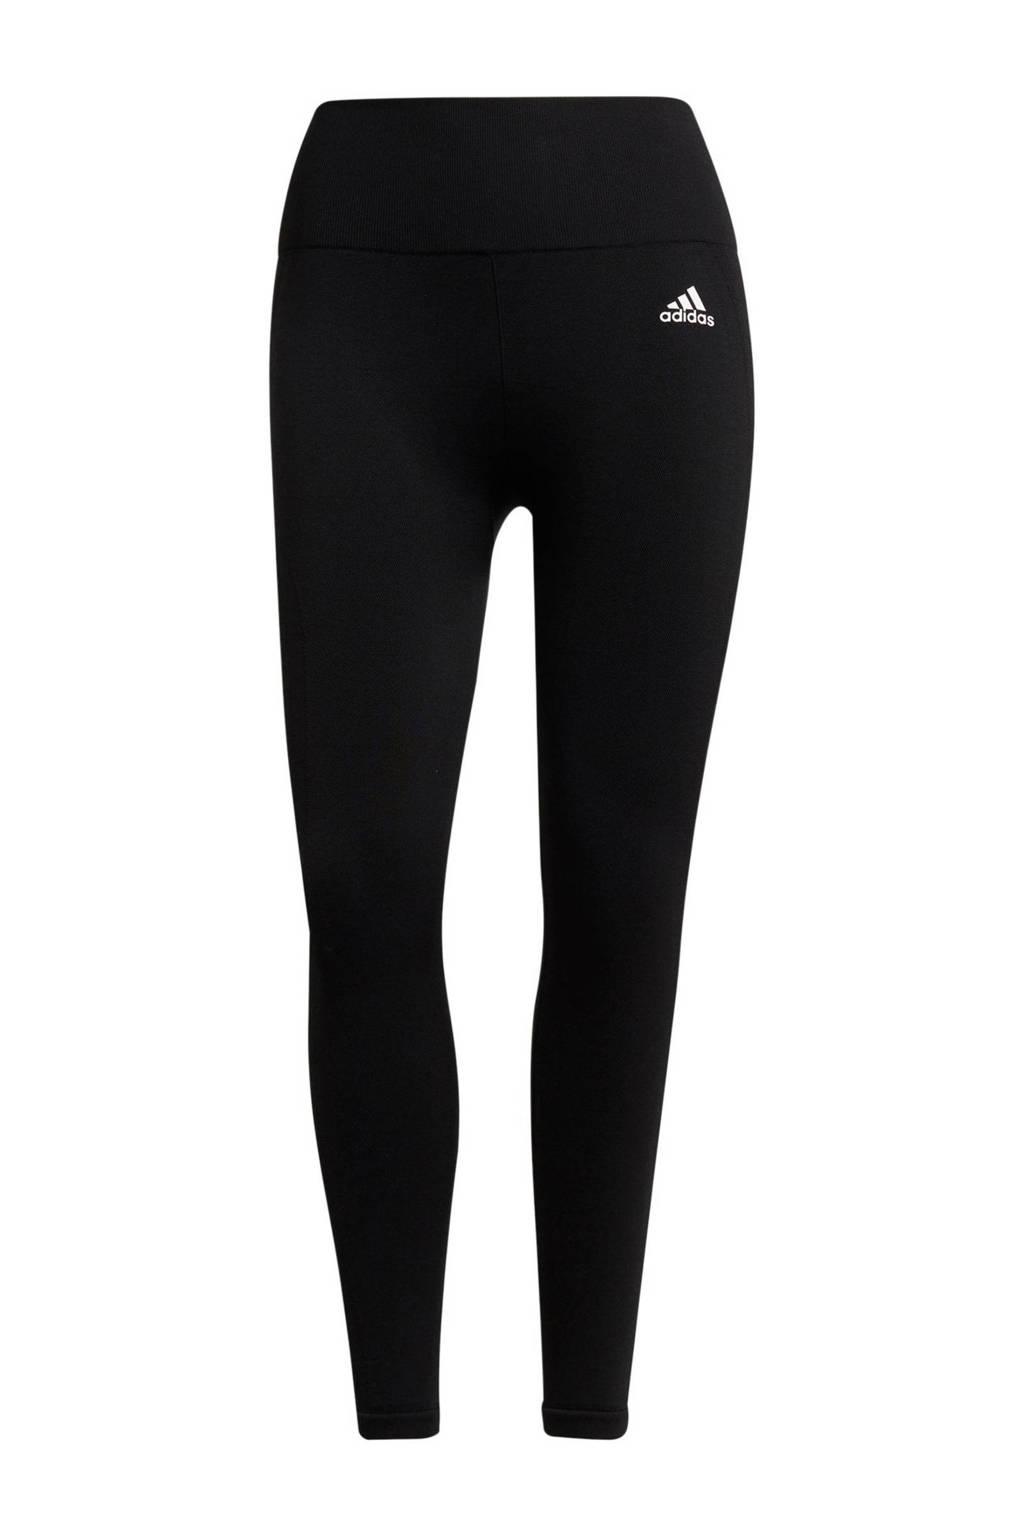 adidas Performance 7/8 sportlegging zwart/wit, Zwart/wit